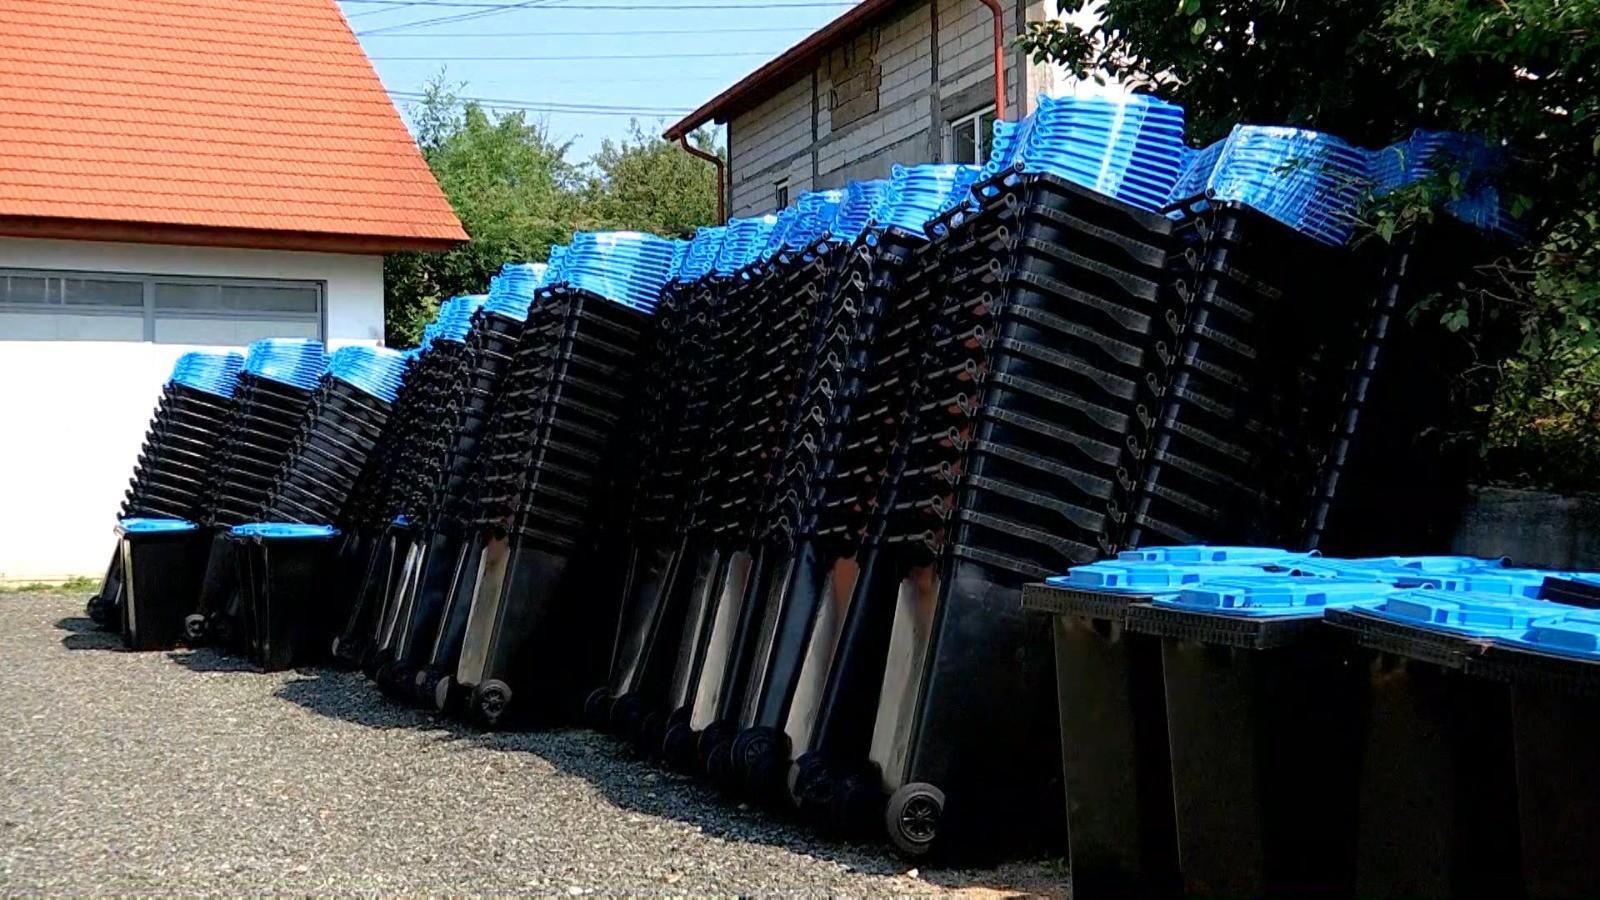 Peste 1.500 de pubele, depozitate în curtea uneii primării din Maramureş. Oamenii nu sunt interesaţi să vină să şi le ridice